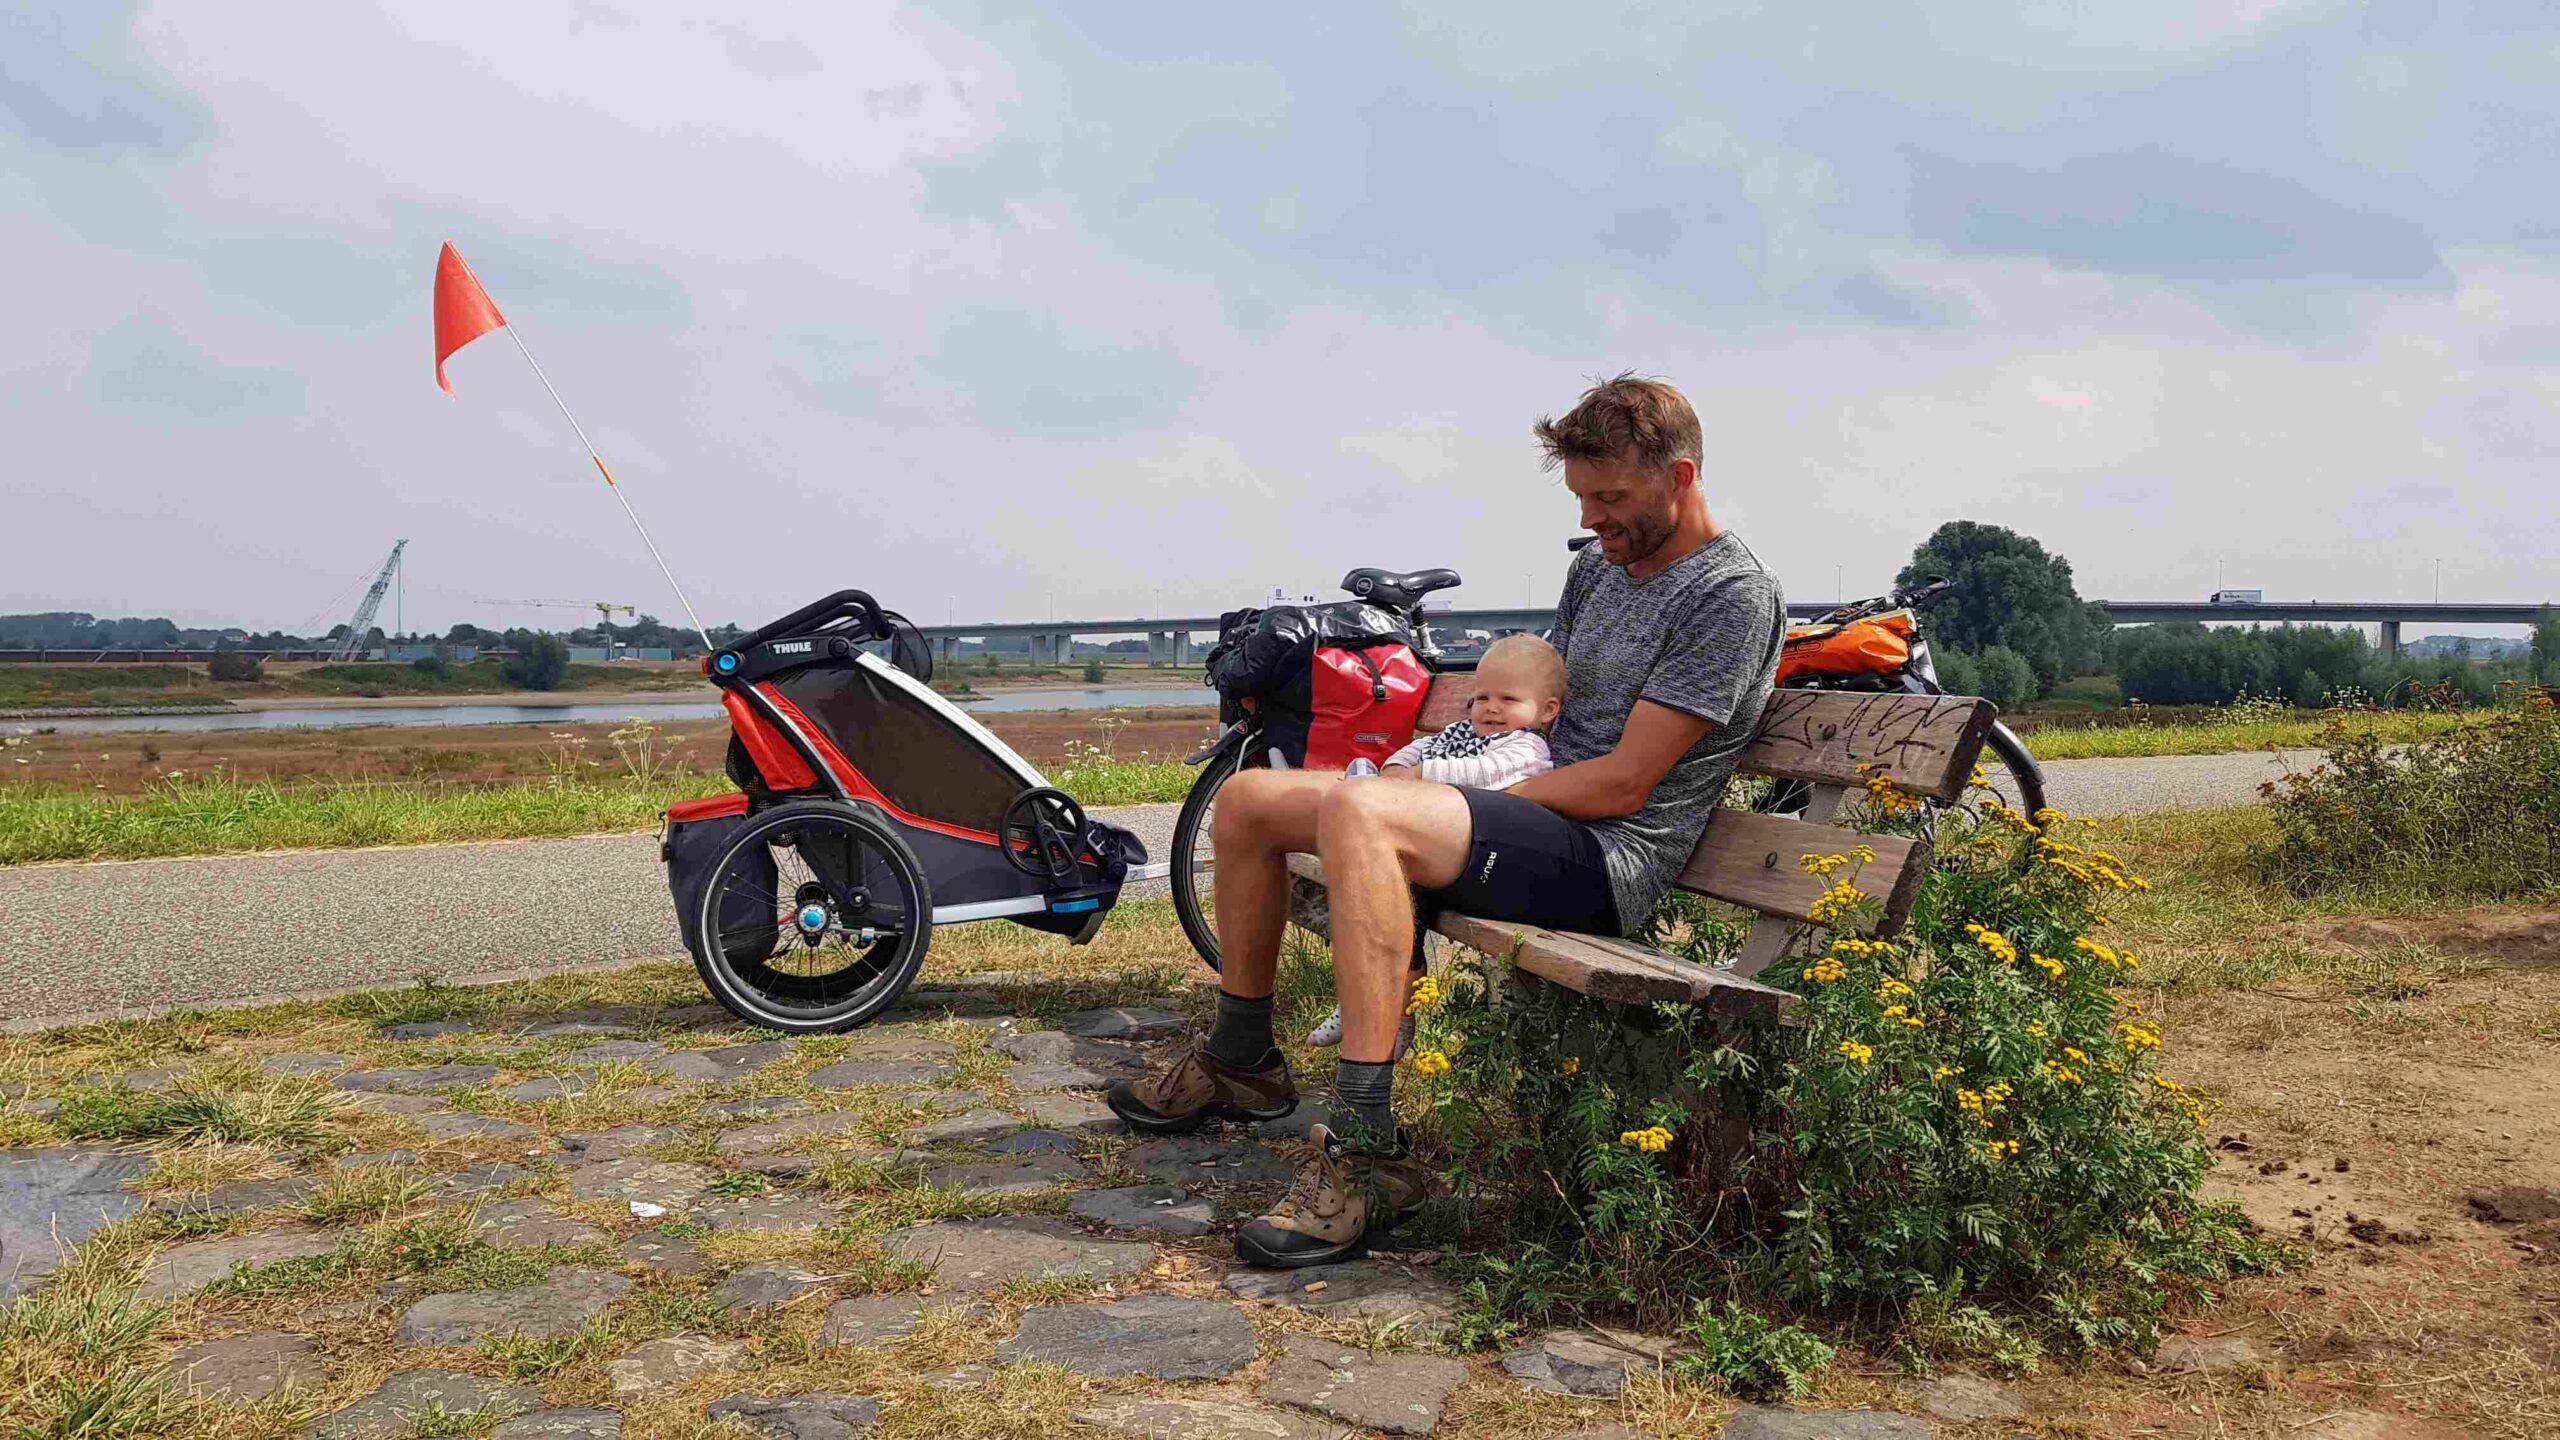 Rondje-Nederland-op-de-fiets-chillen-aan-de-Rijn-1